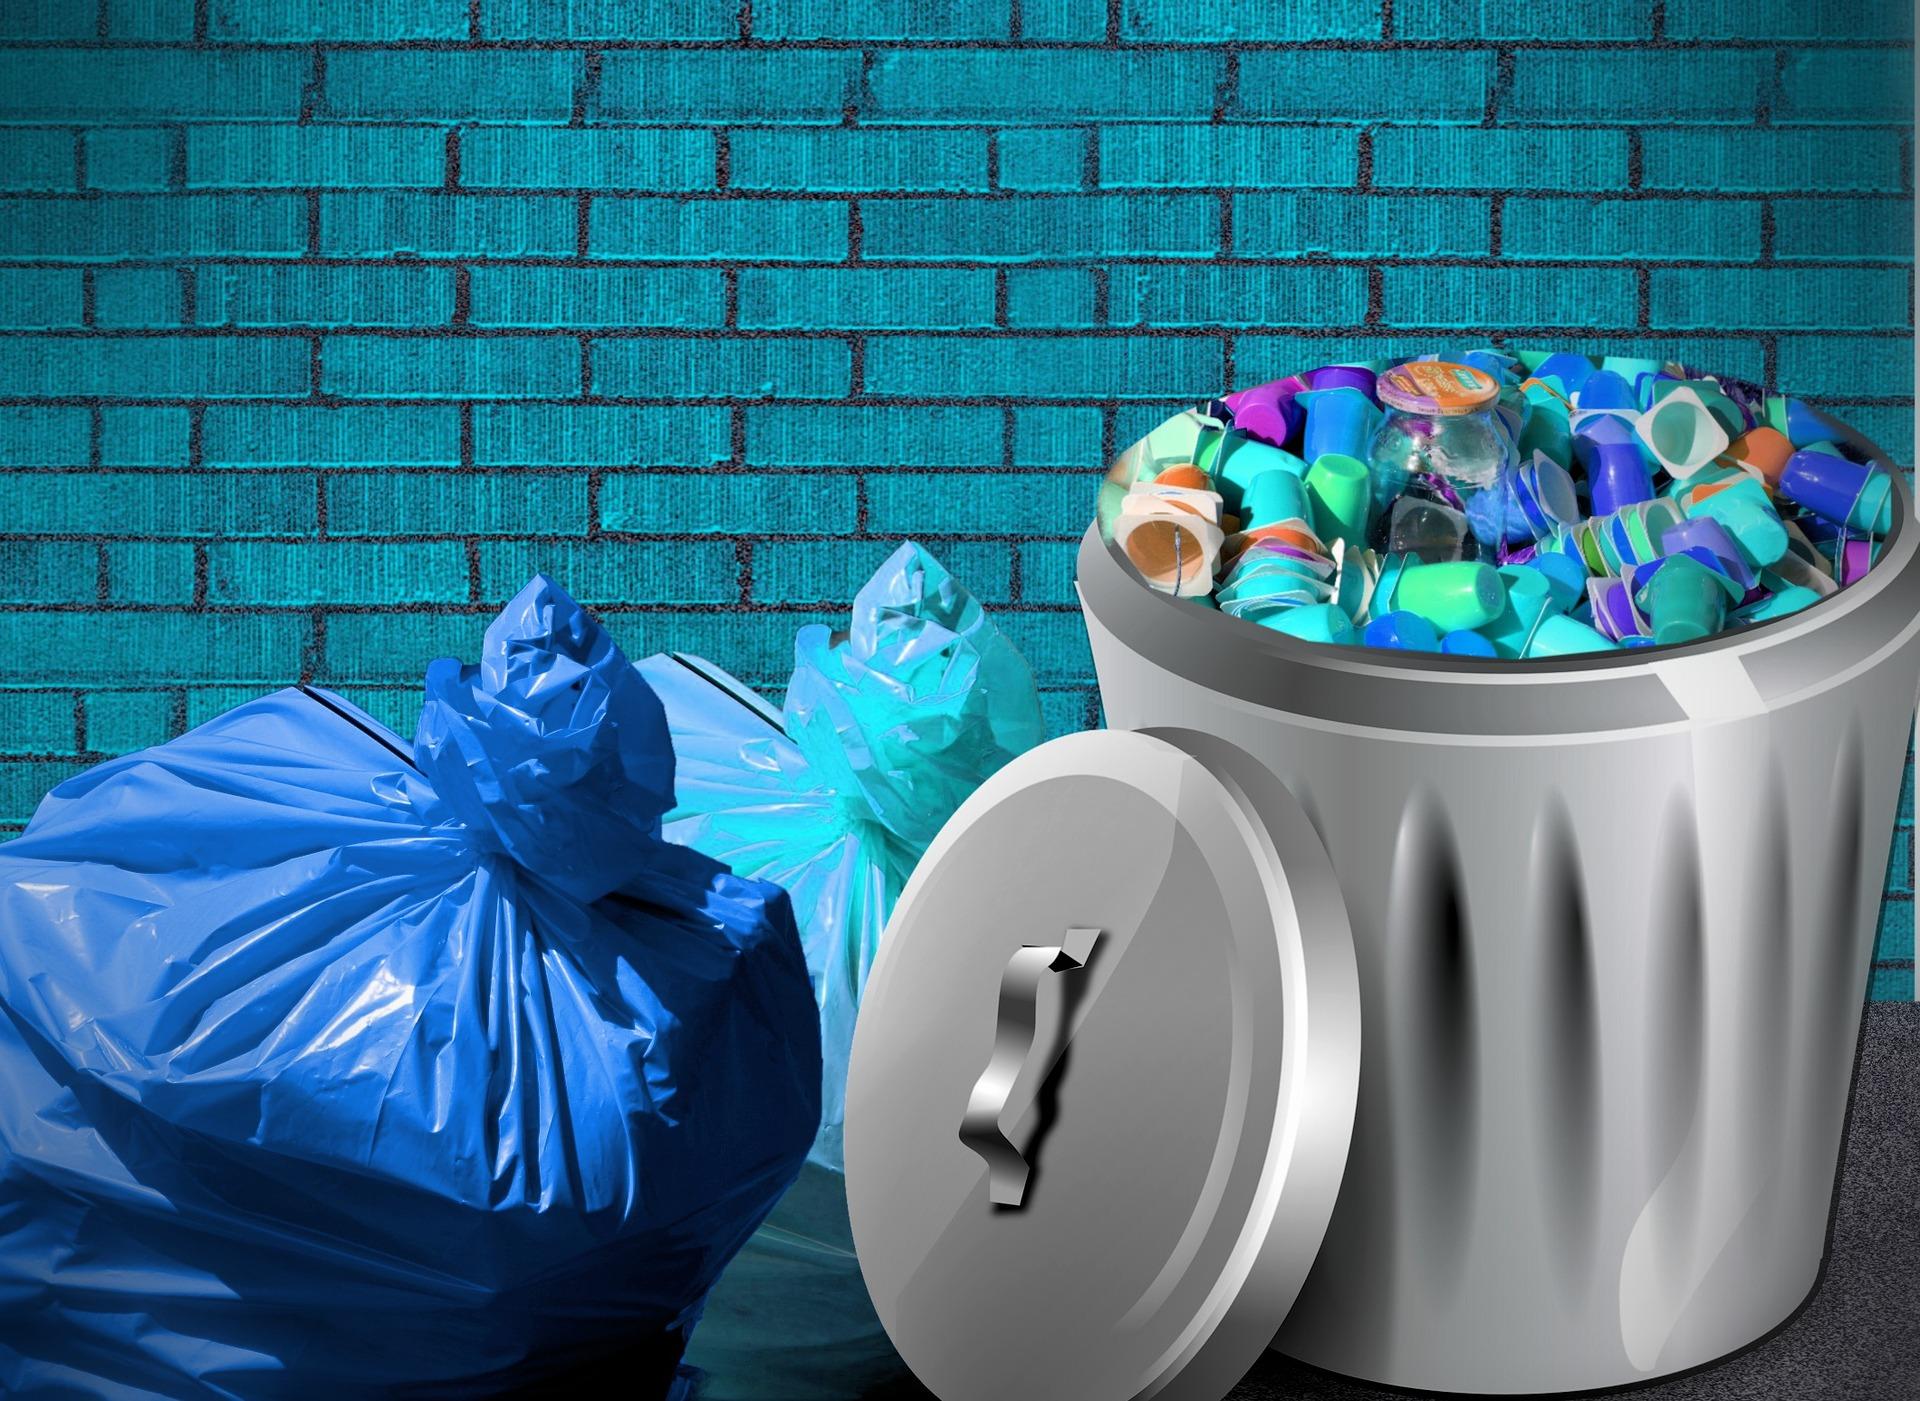 Üzemeanyagot gyártanának műanyaghulladékból